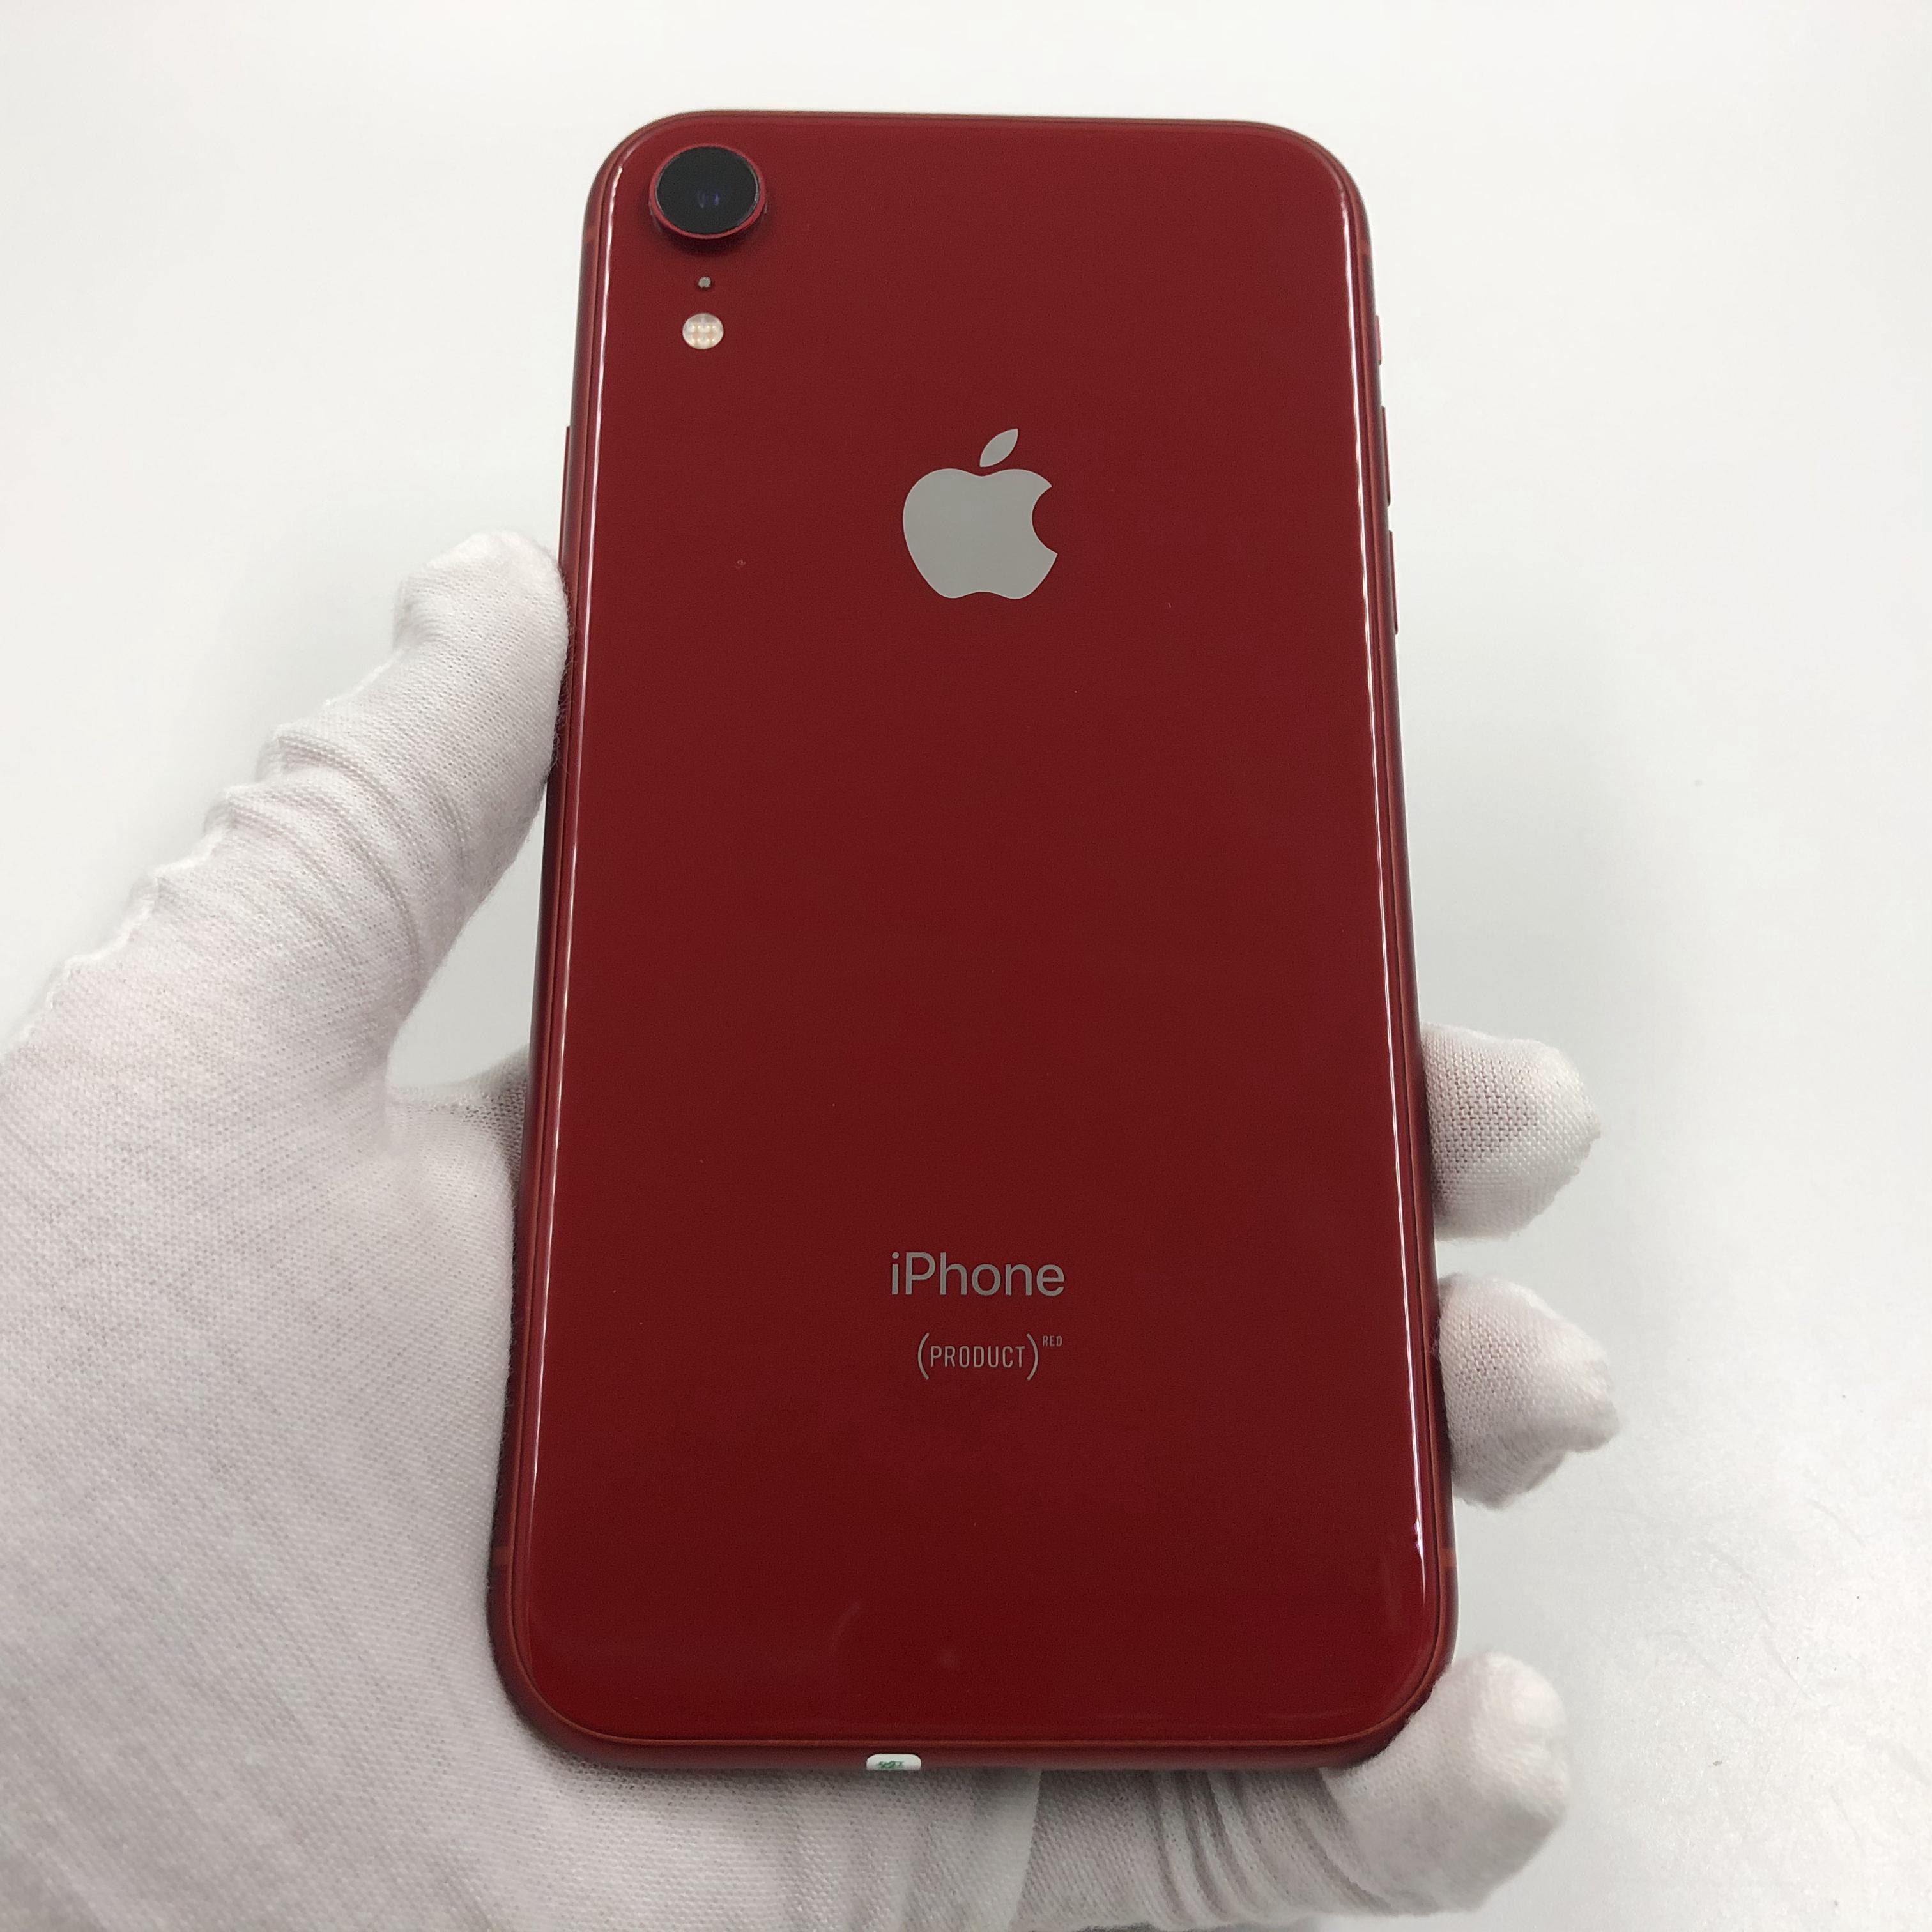 苹果【iPhone XR】4G全网通 红色 128G 国行 95新 真机实拍